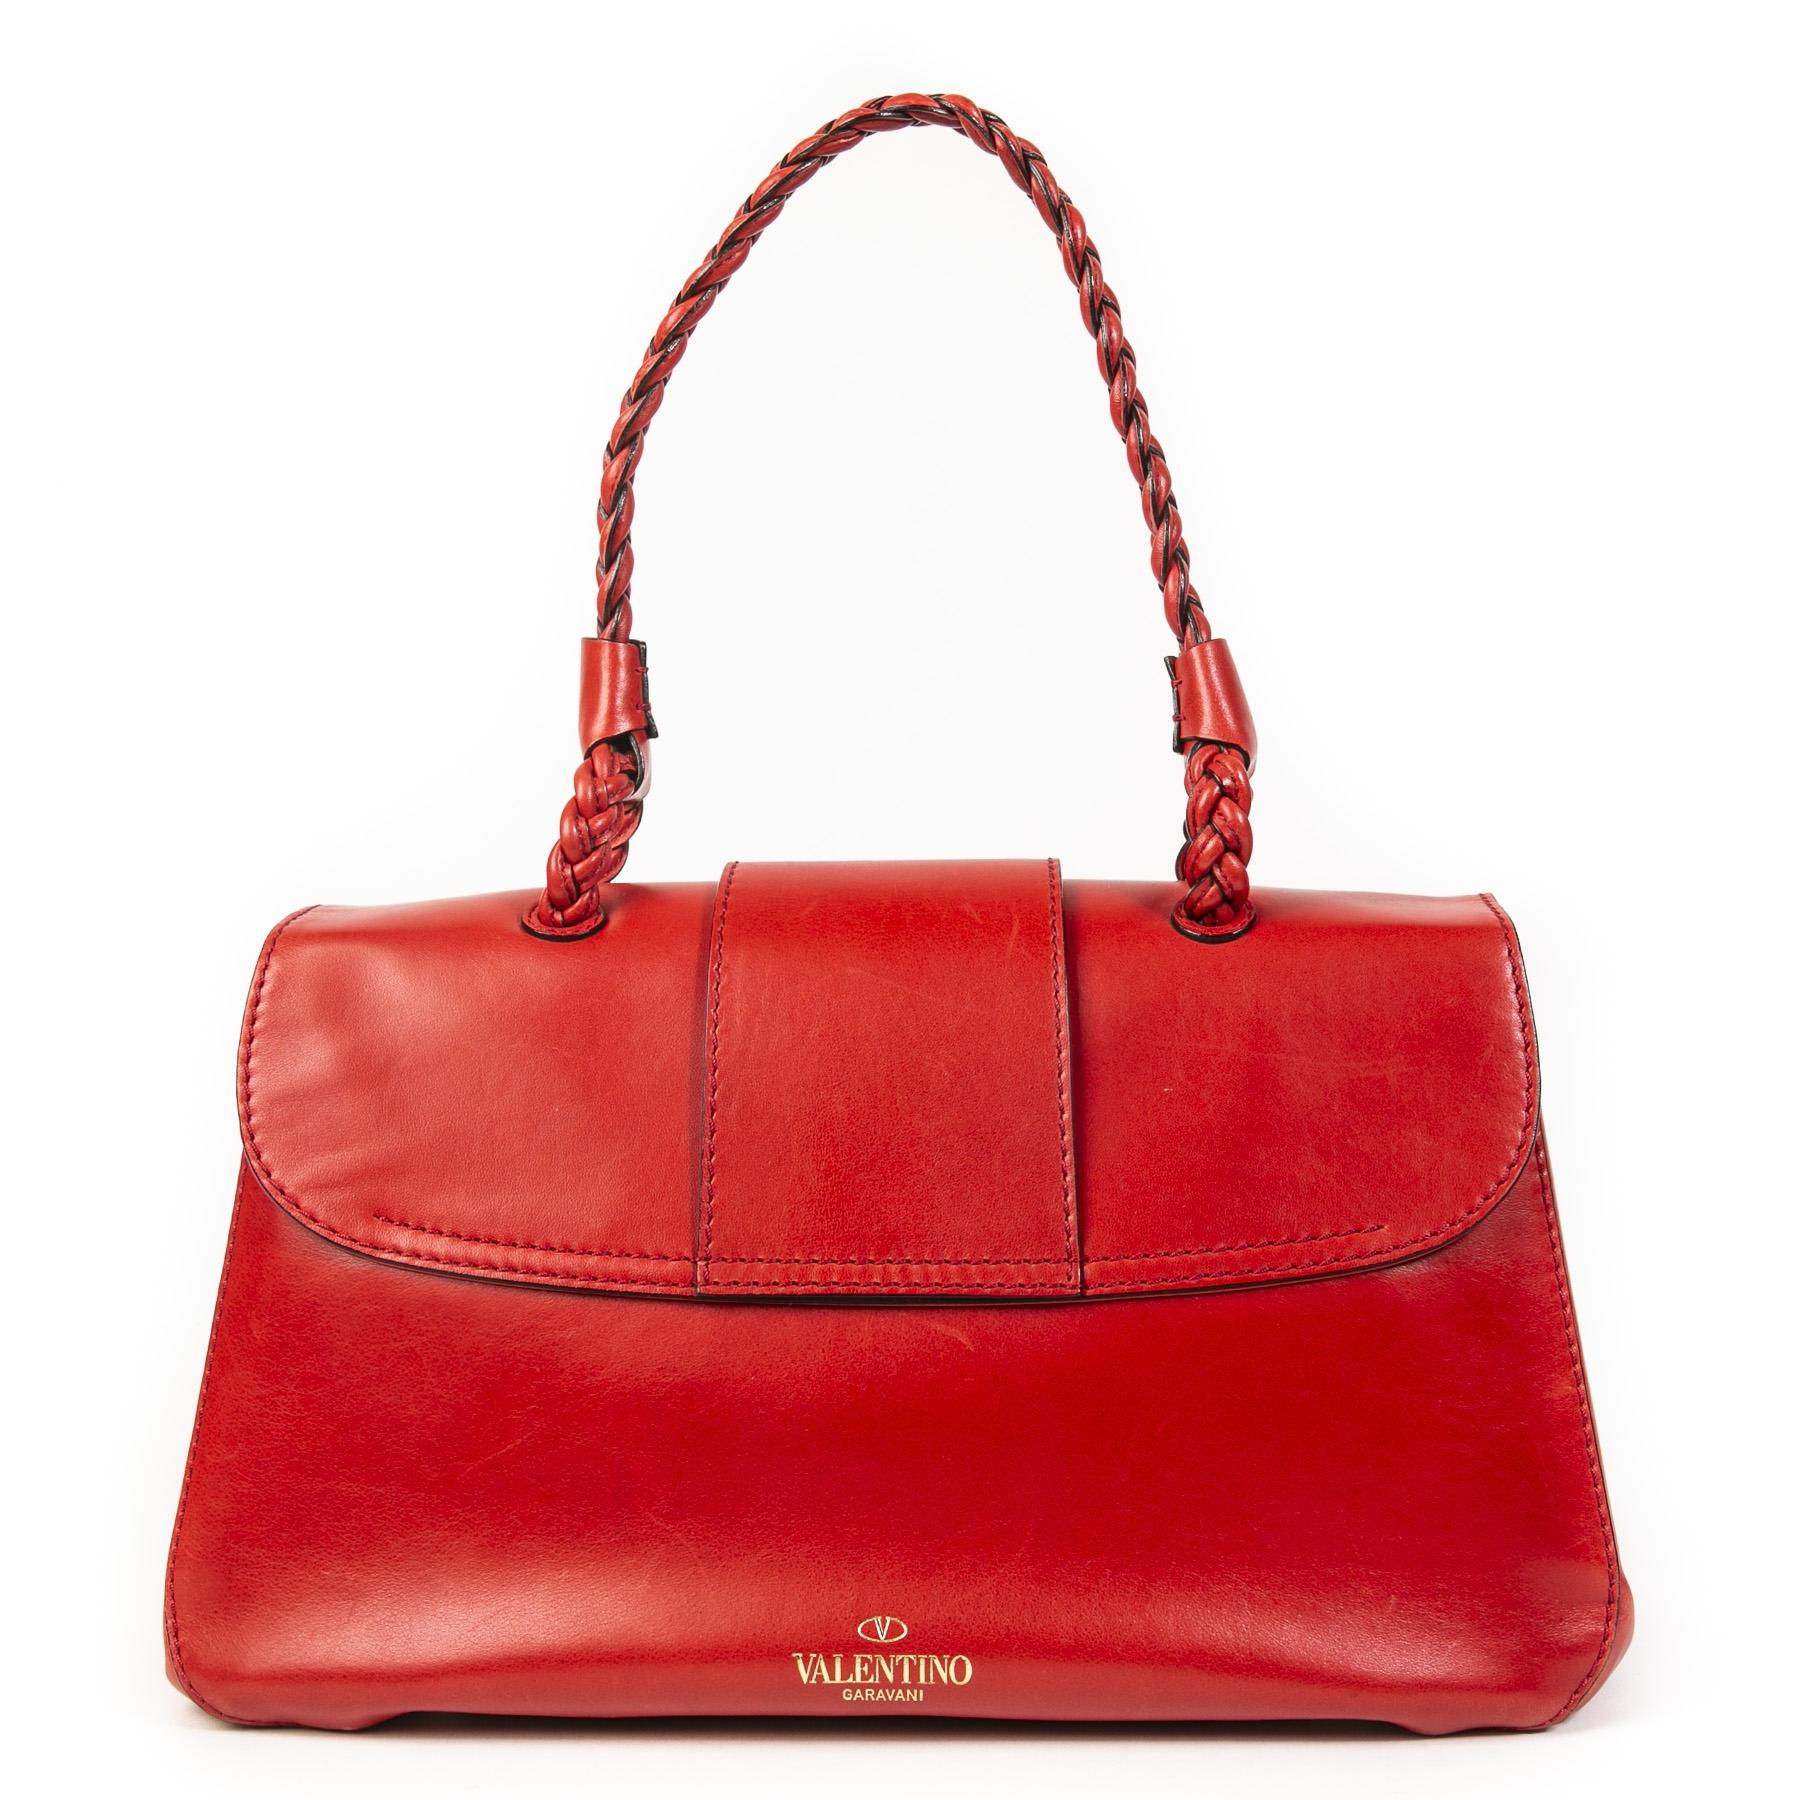 Authentieke Tweedehands Valentino Red Leather Shoulder Bag juiste prijs veilig online shoppen luxe merken webshop winkelen Antwerpen België mode fashion